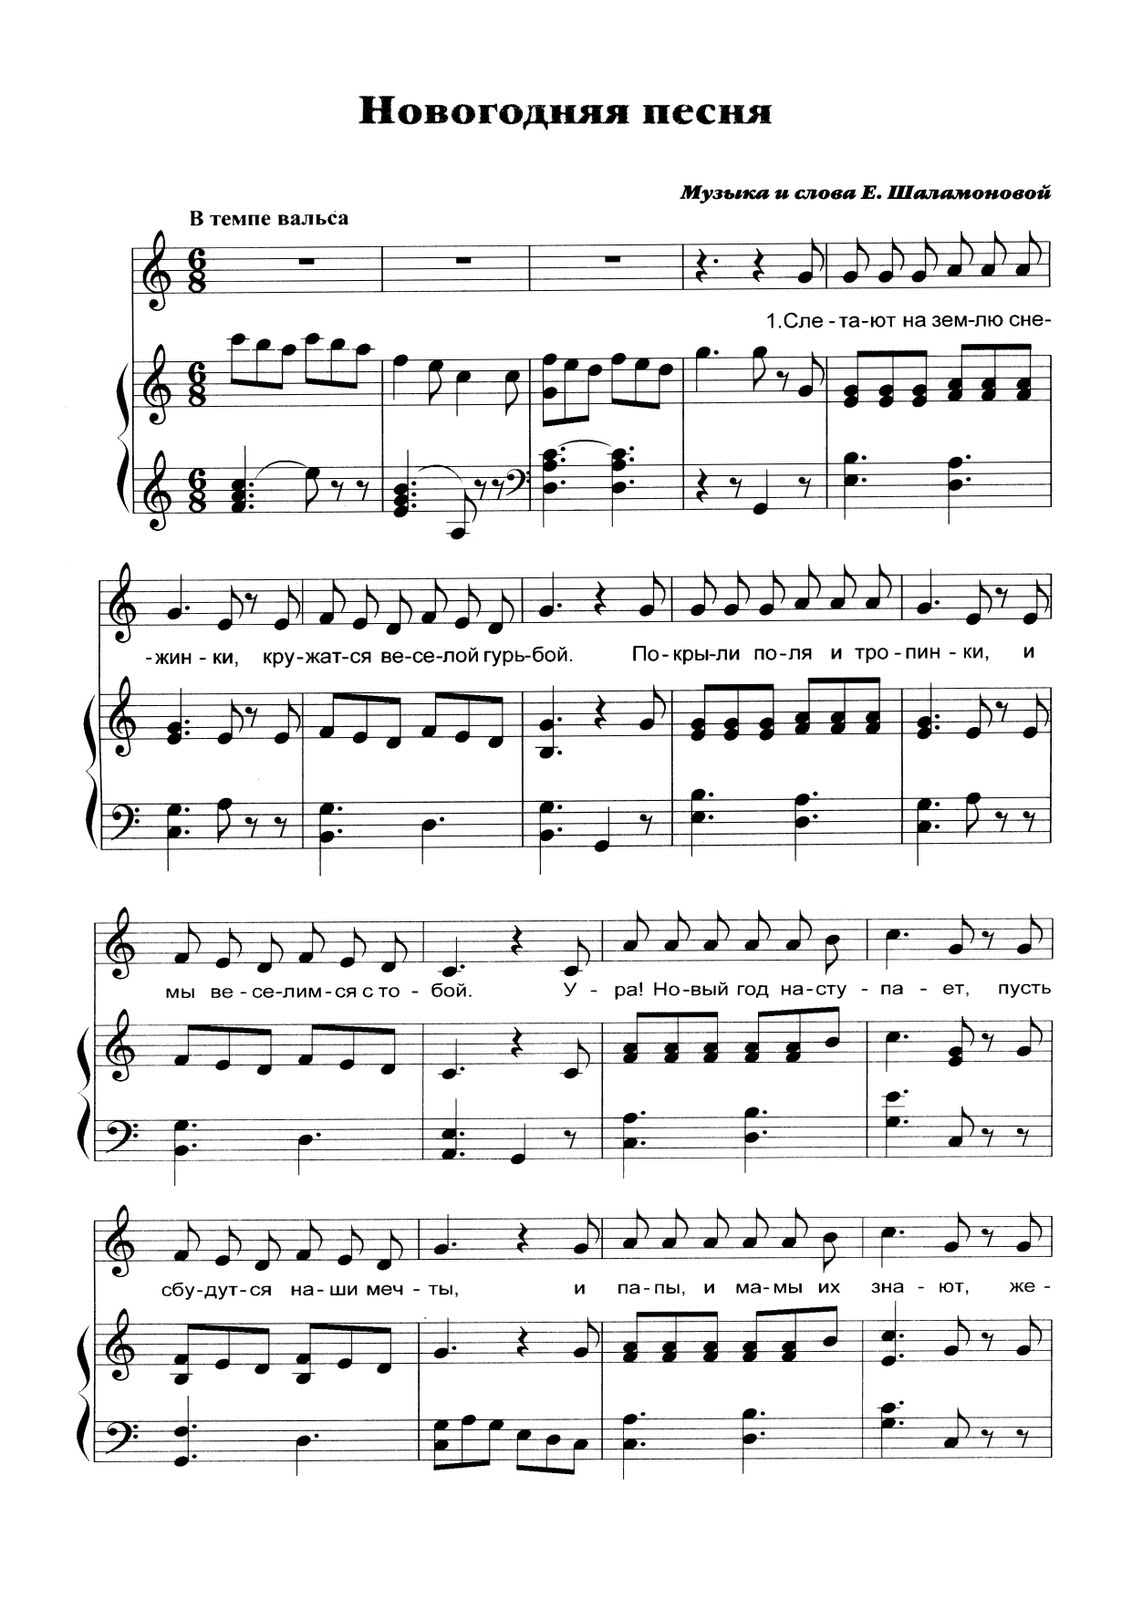 ДЕТСКАЯ ПЕСНЯ НОВОГОДНЯЯ СЧИТАЛОЧКА СКАЧАТЬ БЕСПЛАТНО